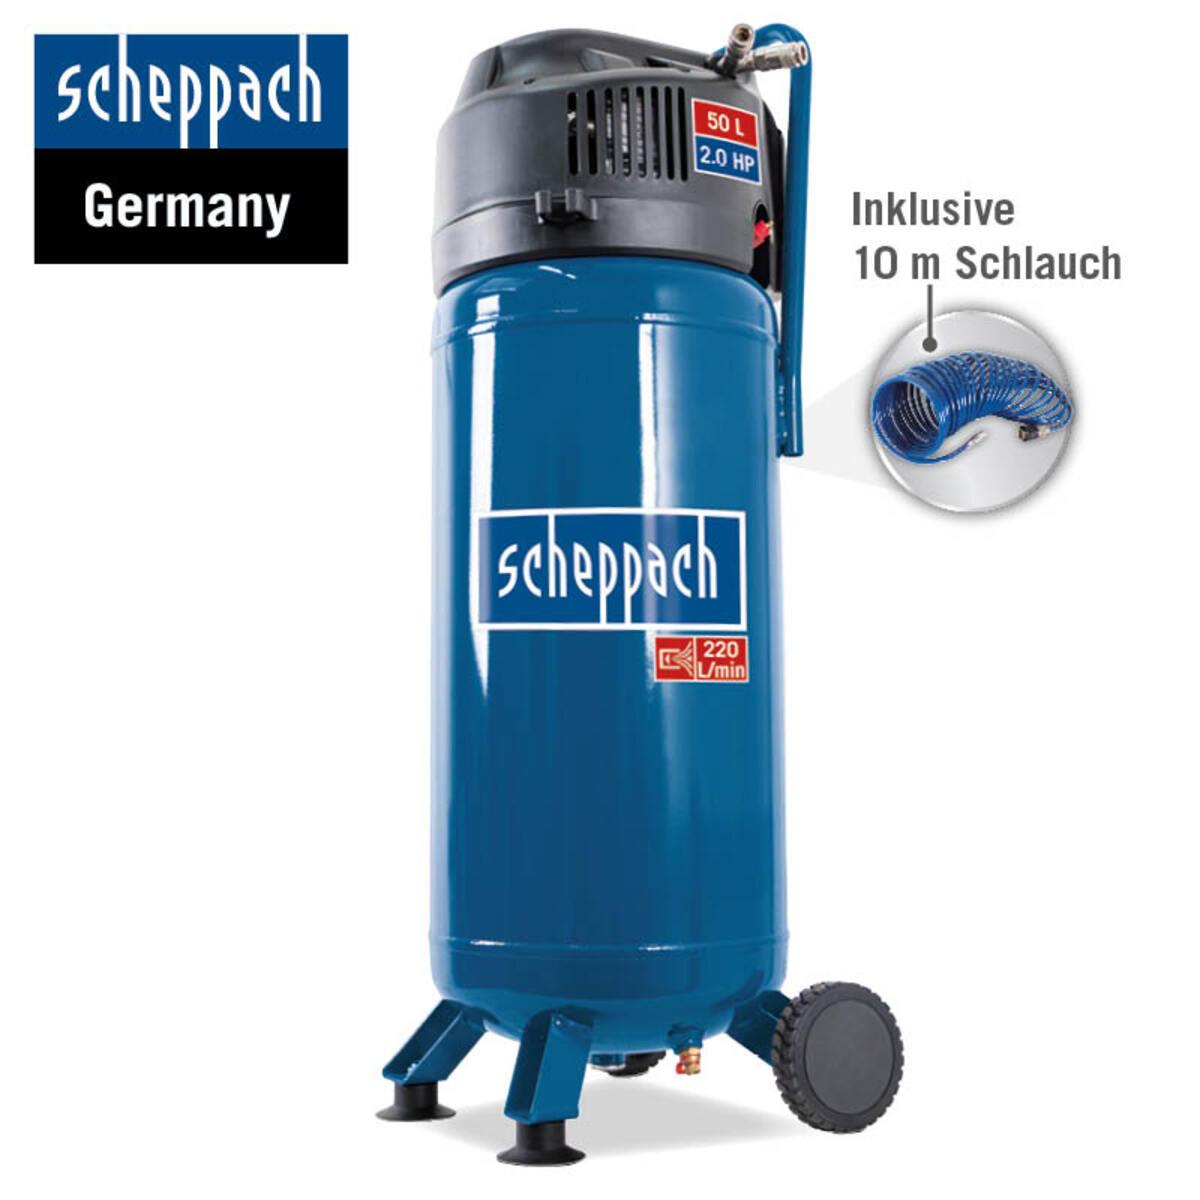 Bild 4 von Scheppach Kompressor VC52Pro SE